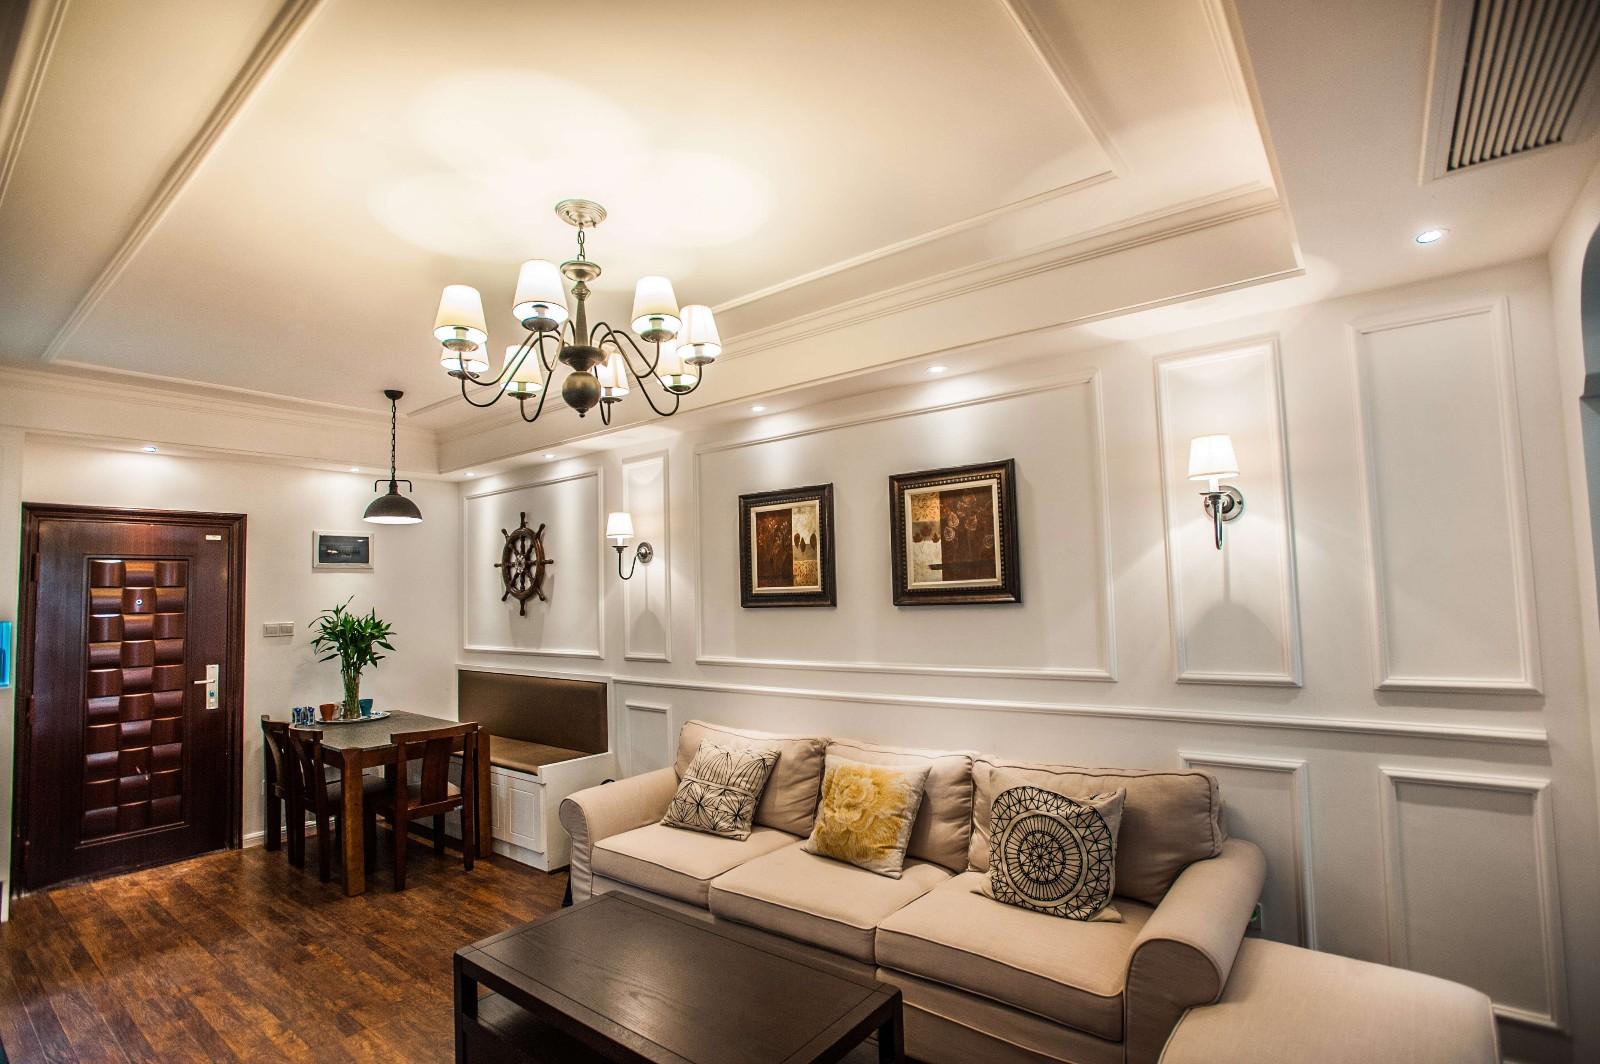 沙发背景墙采用石膏线条配合壁灯装饰画使画面丰富更有层次.